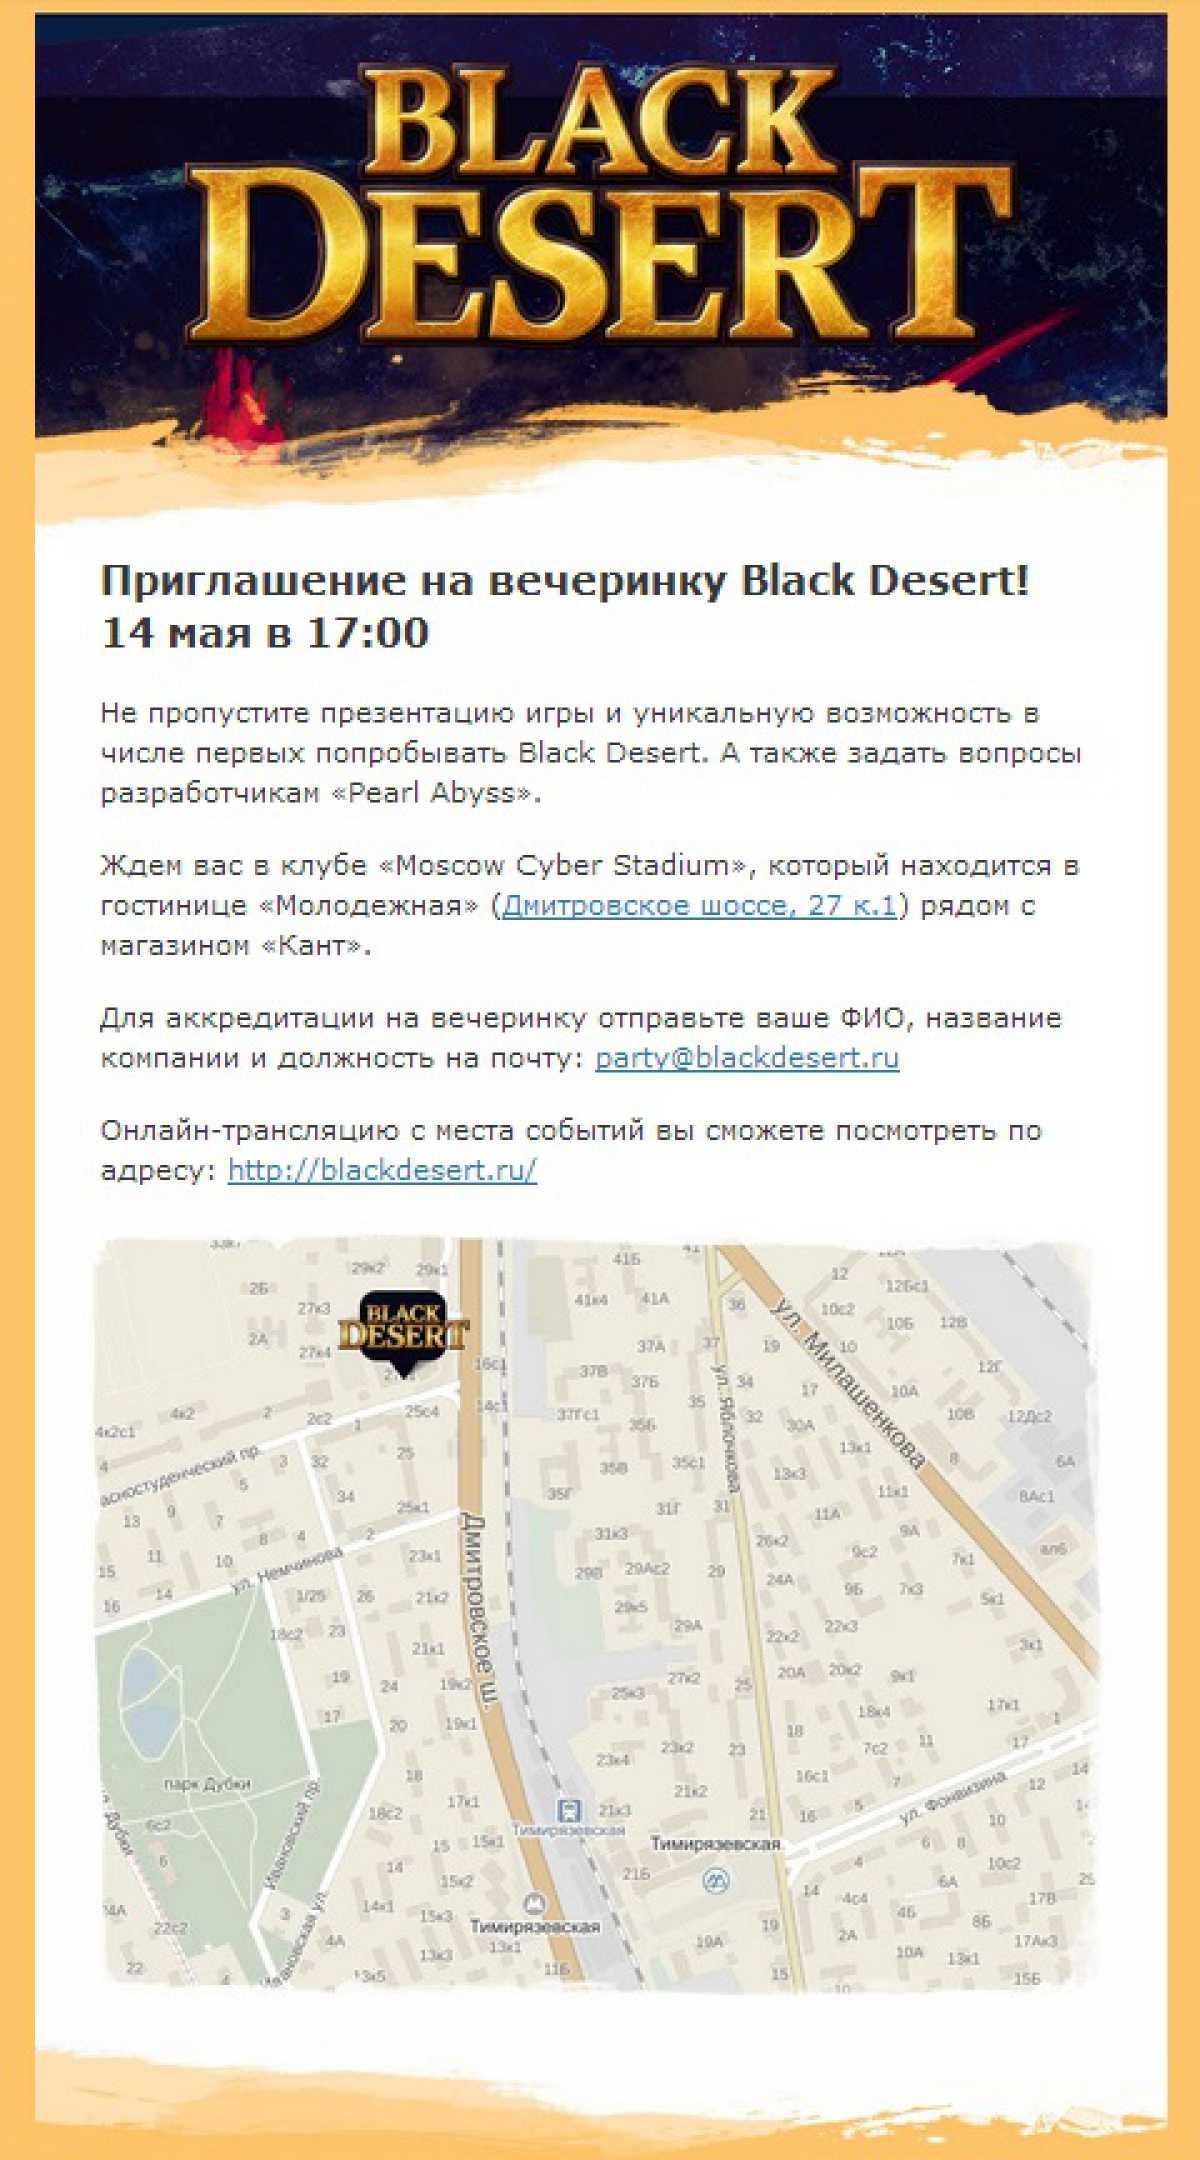 Black Desert - Презентация Black Desert в России пройдет уже завтра